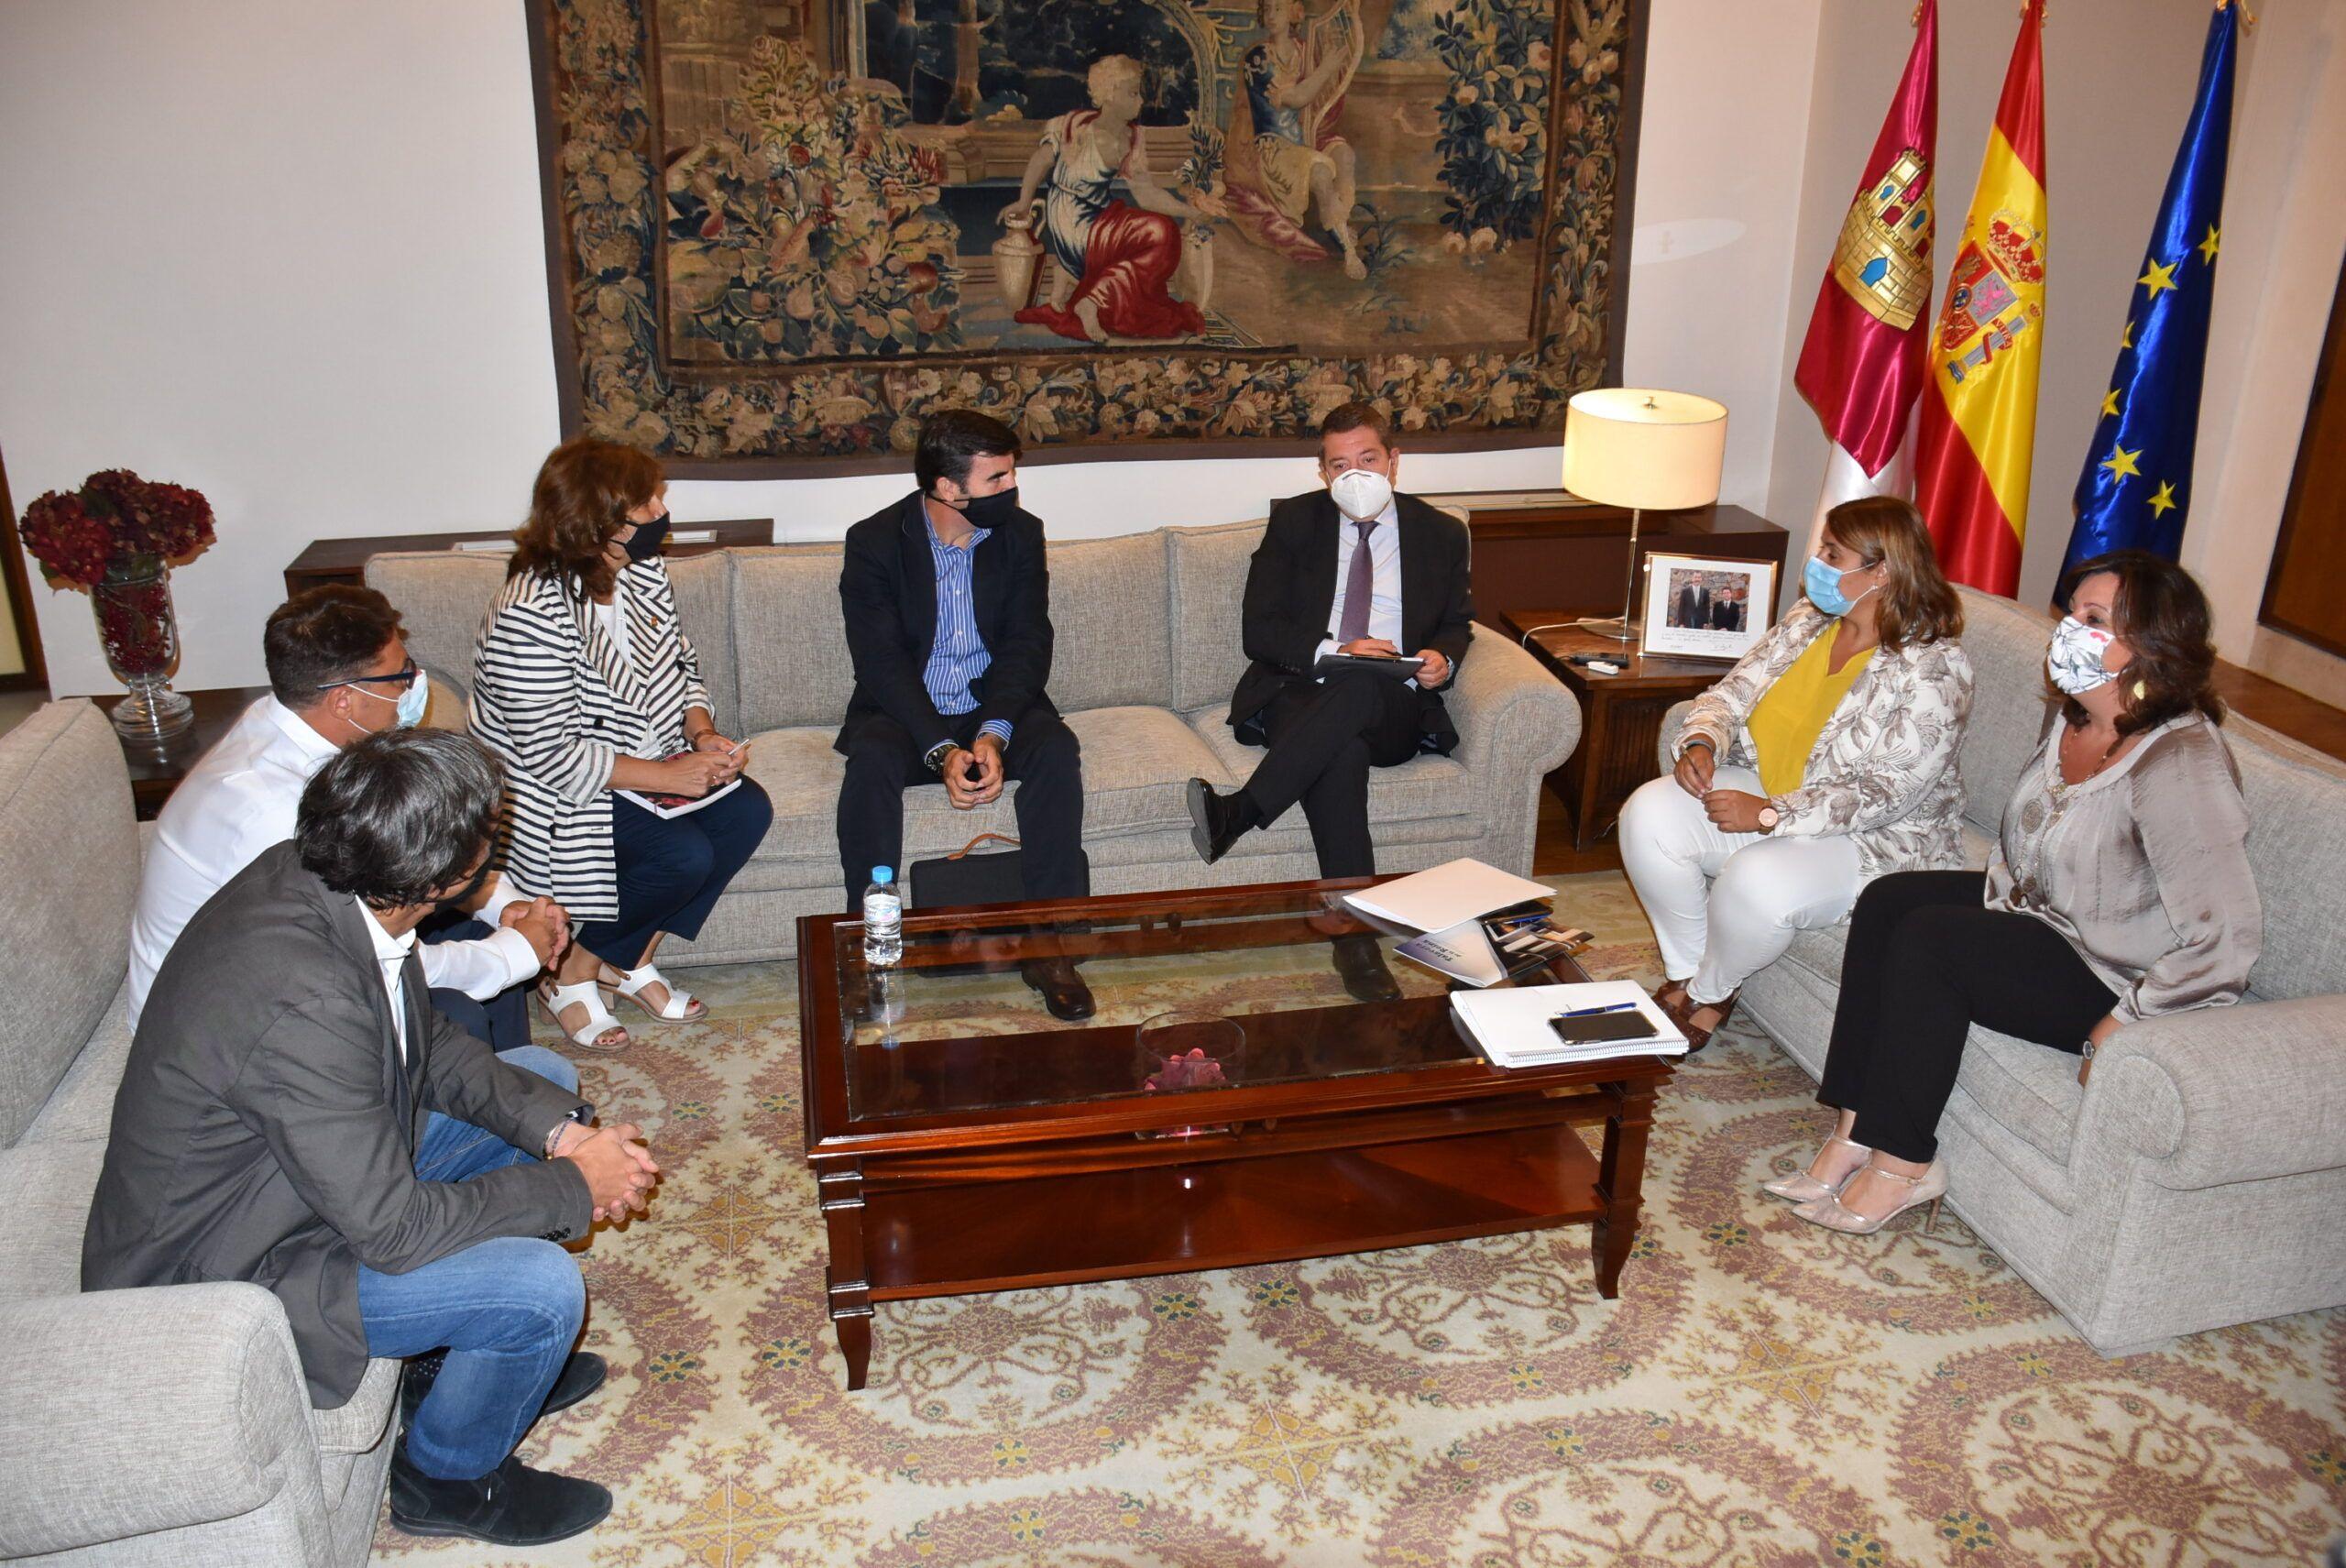 La alcaldesa de Talavera da a conocer la próxima implantación de una empresa relacionada con la economía circular y pone en valor la labor de acompañamiento de su Gobierno